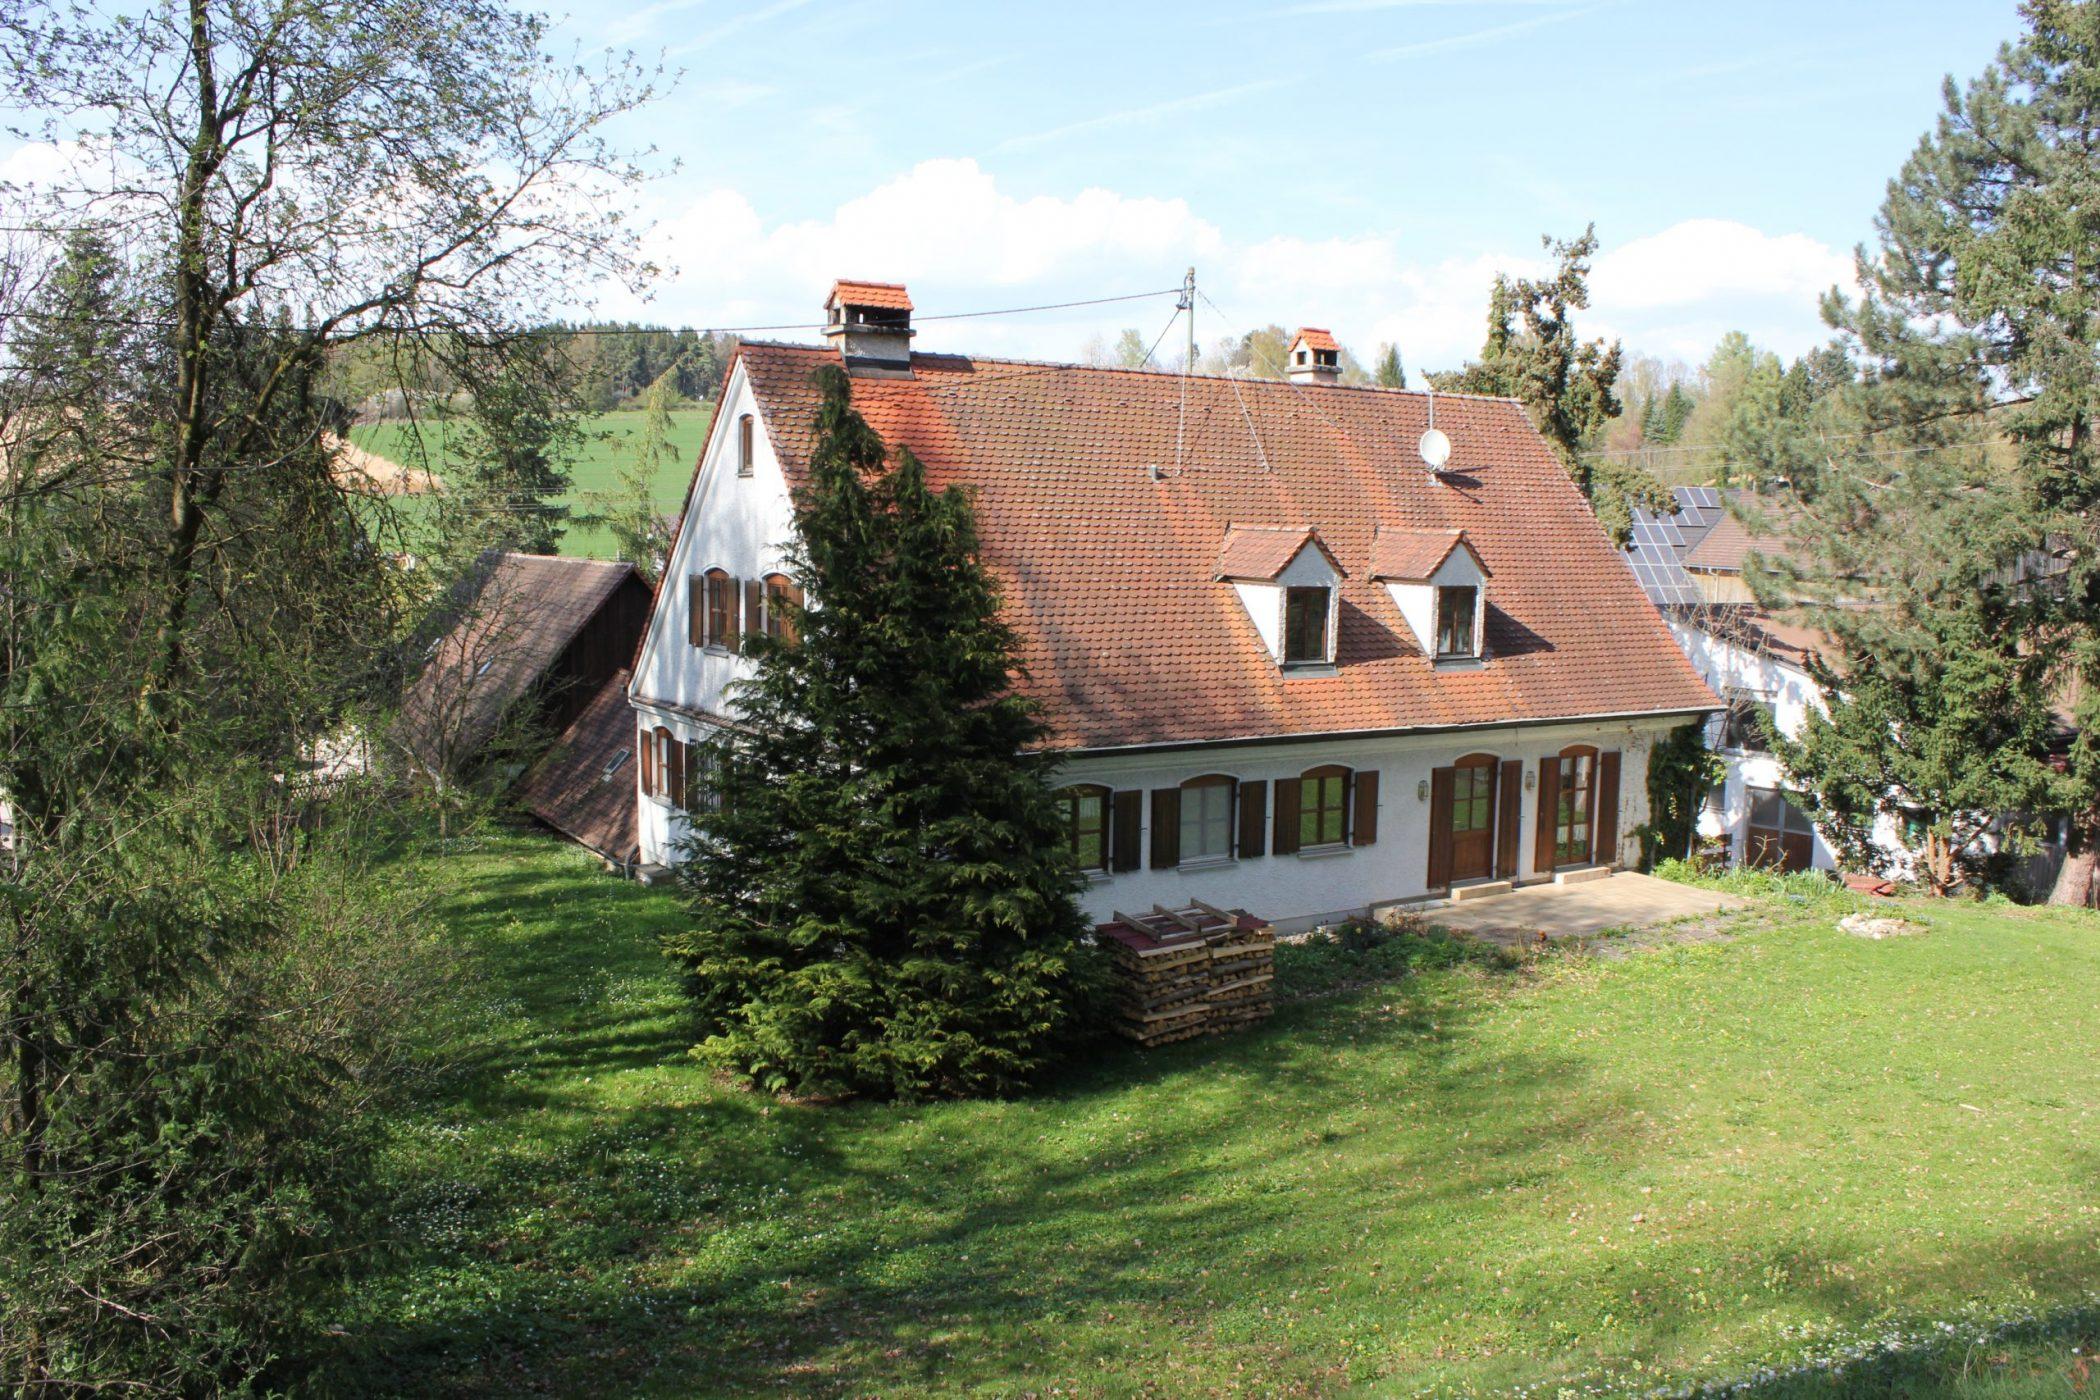 Forsthaus im Landkreis Dillingen * Wohnen und Arbeiten auf dem Lande